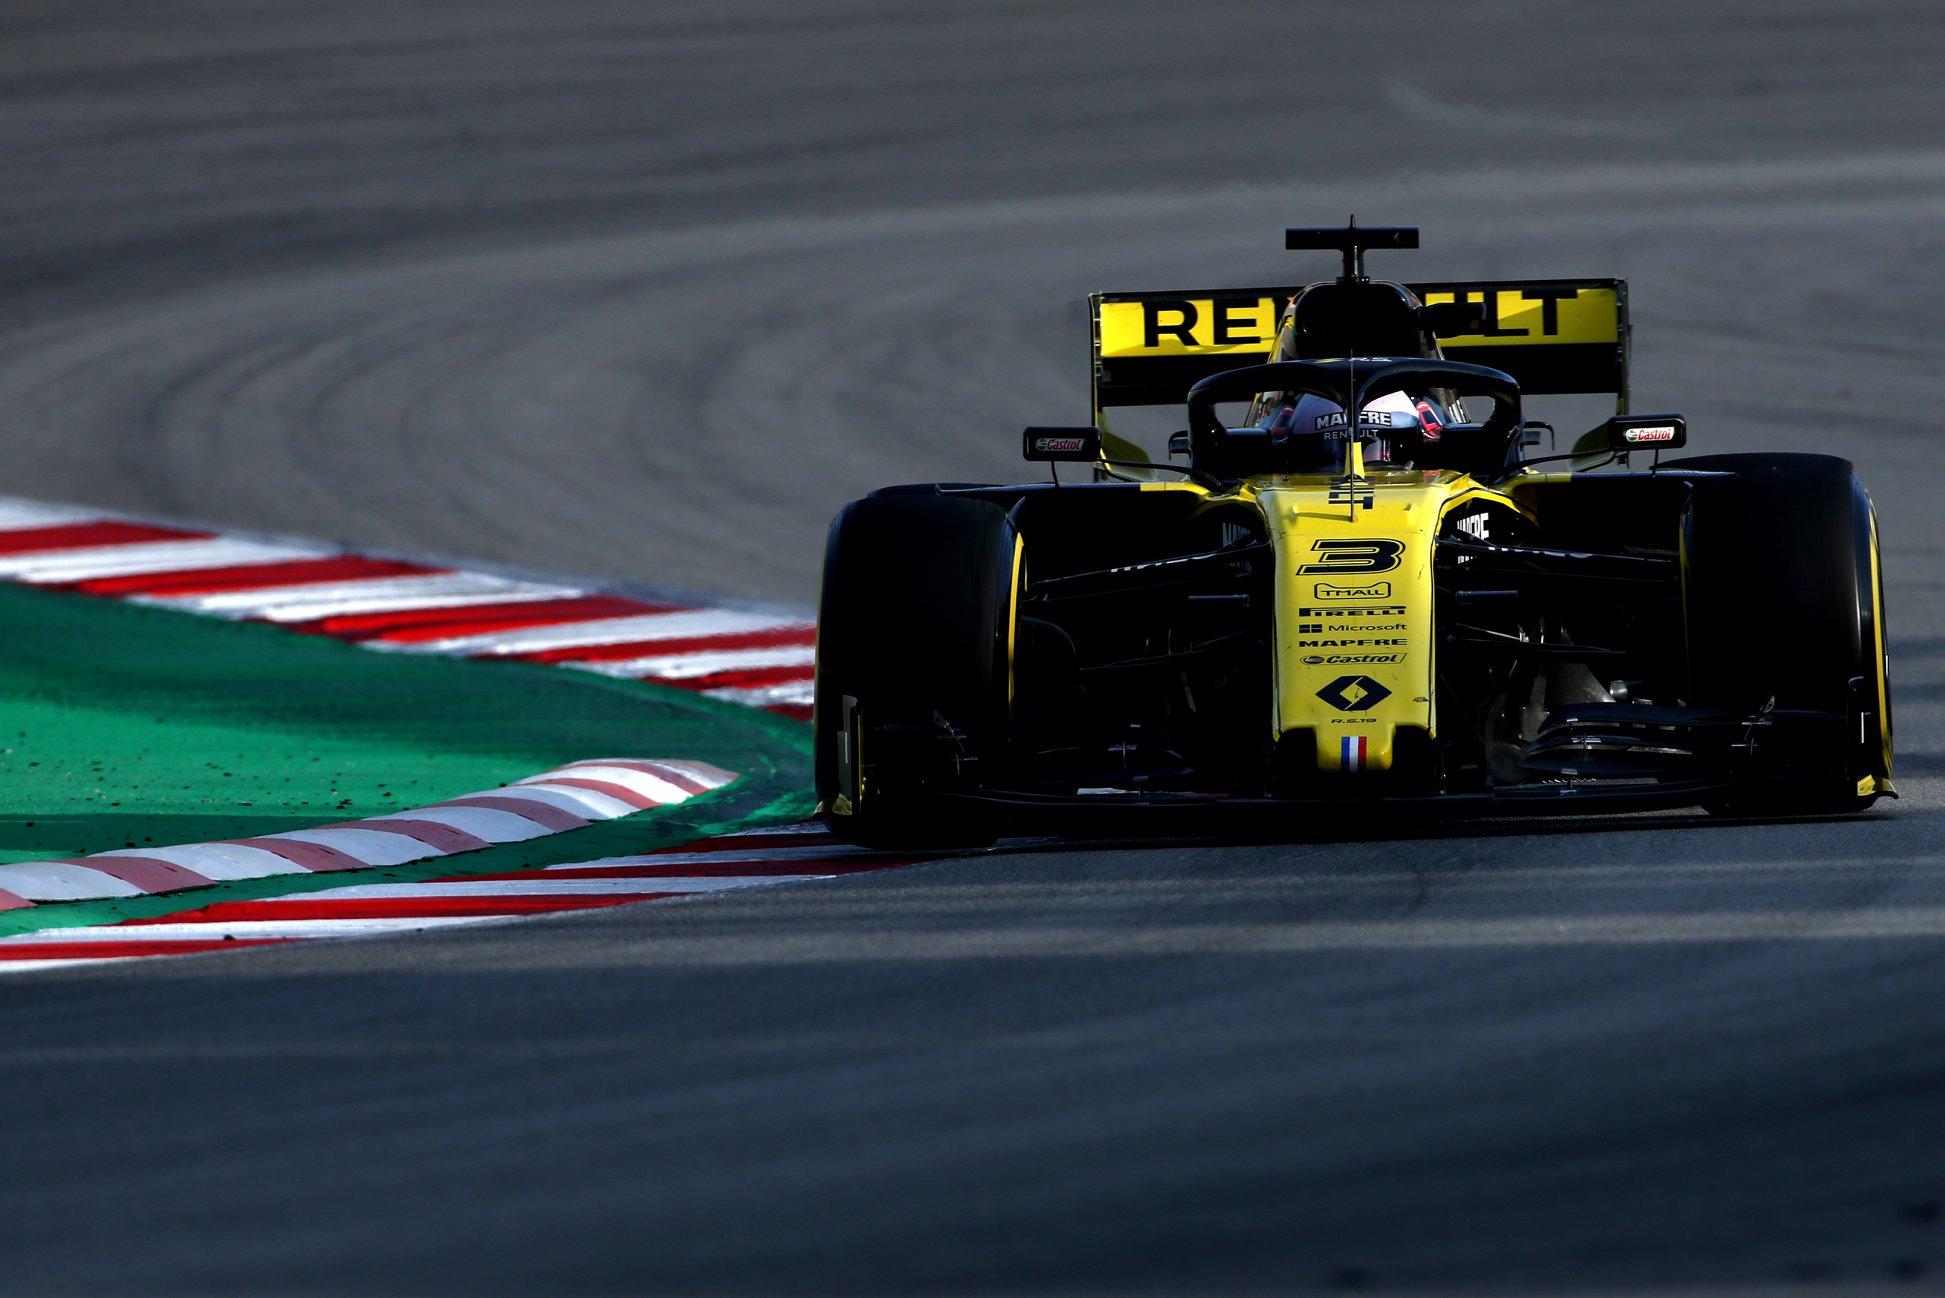 """D. Ricciardo nesiruošia po šio sezono palikti """"Renault"""" ekipos"""